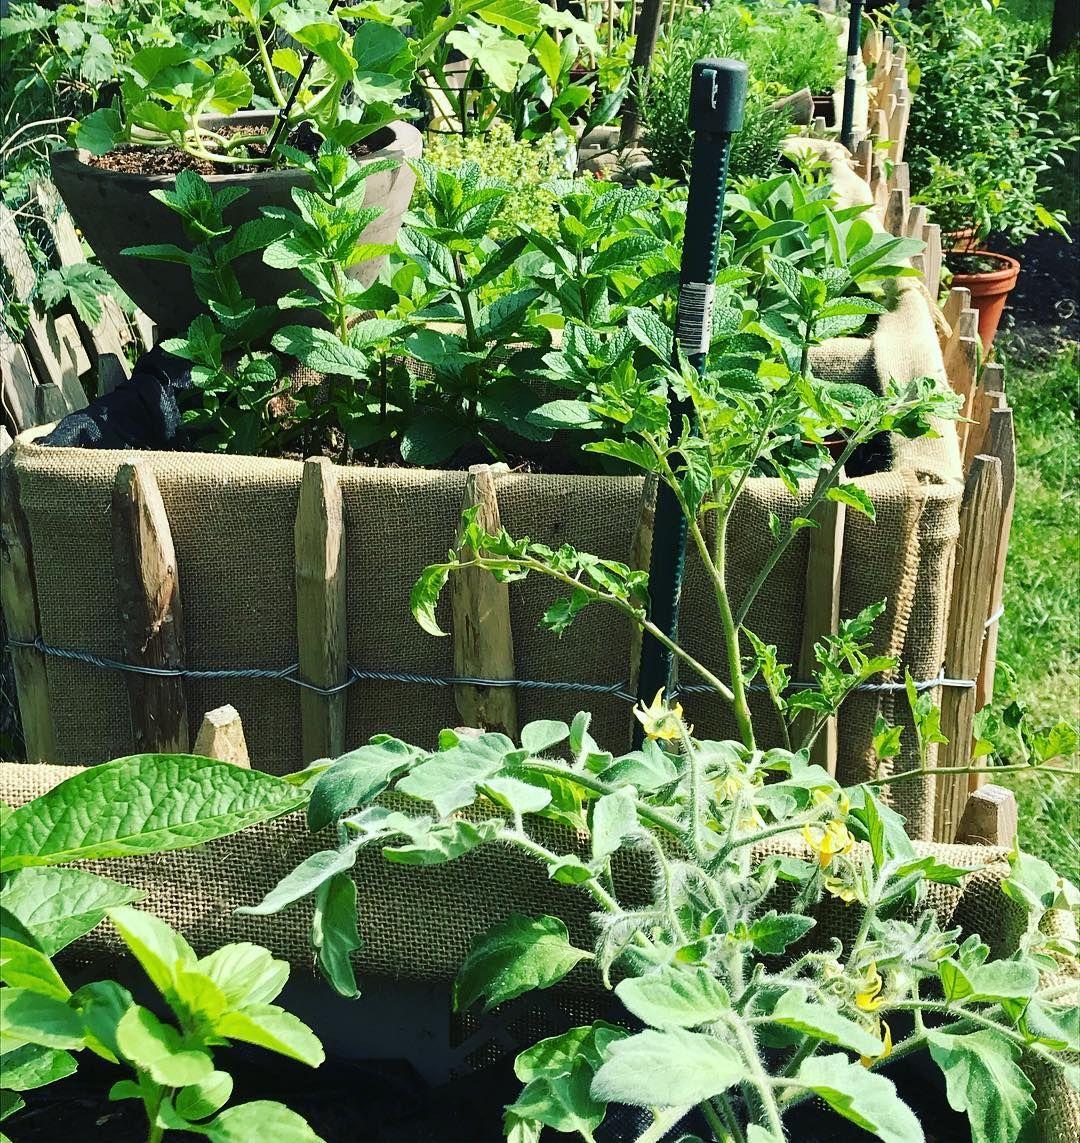 Ich Wurde Sagen Garten L A U F T Hochbeete Von Selbstversorger Farm Garden Urbangardening Garten Selbstversorger Eswachst Gemuse Ve In 2020 Plants Instagram